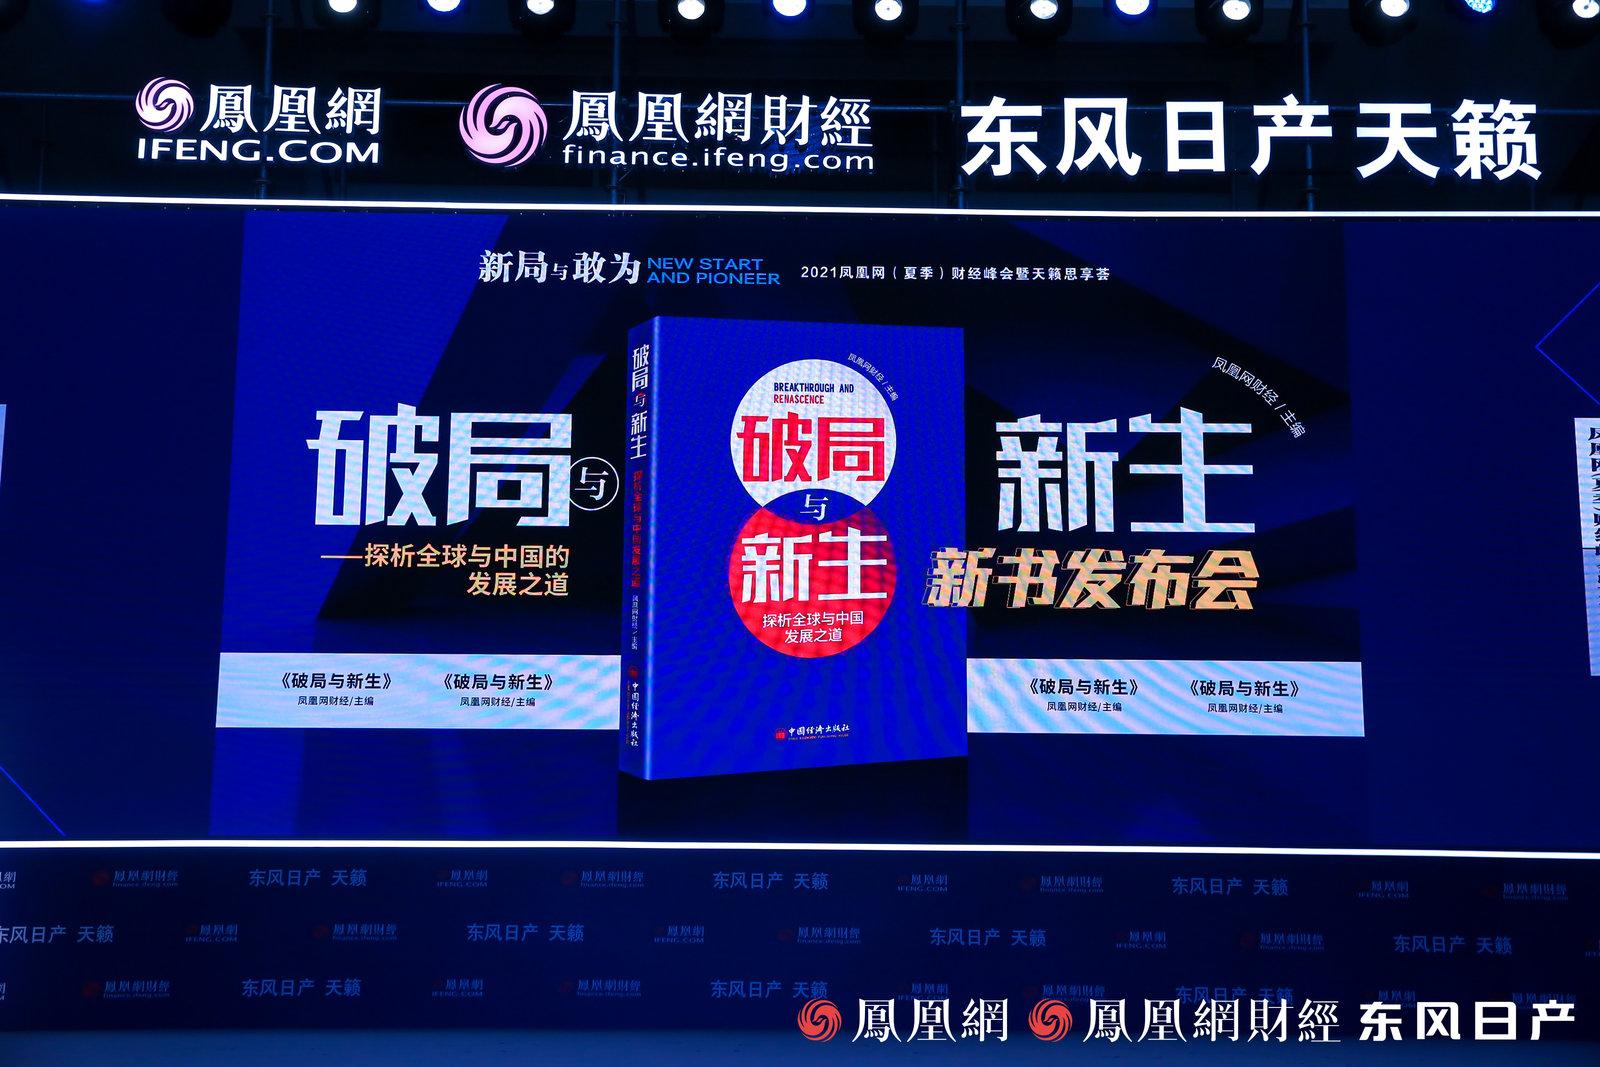 《破局与新生》凤凰网财经峰会隆重发布 :探析全球与中国发展之道